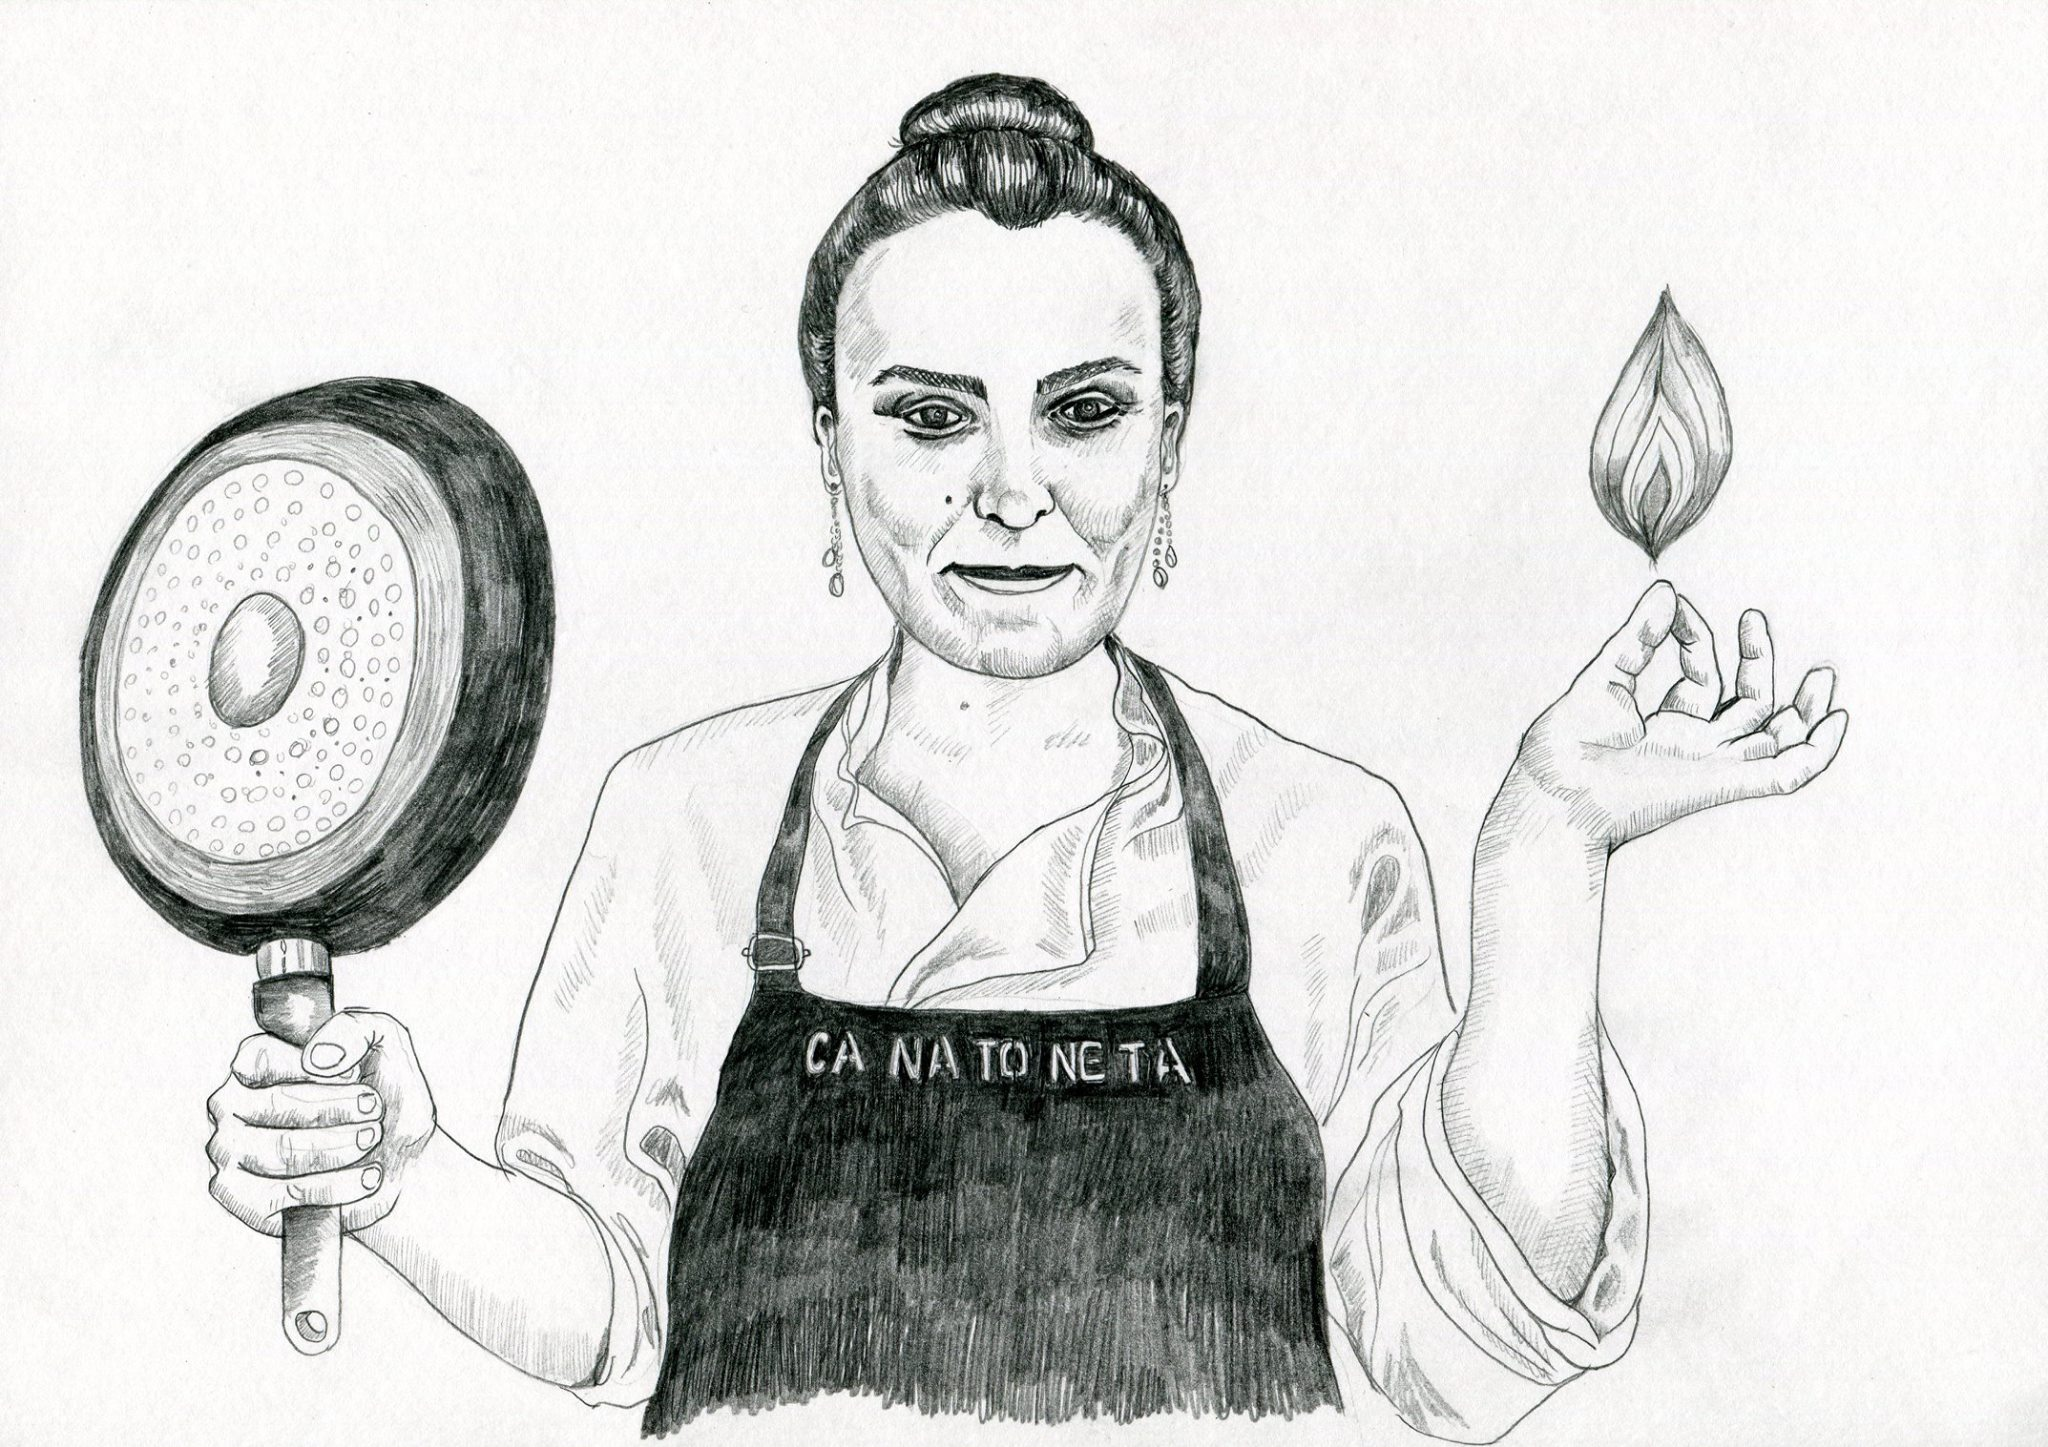 NATALIA EMILOVA SEGUNDO CHEF